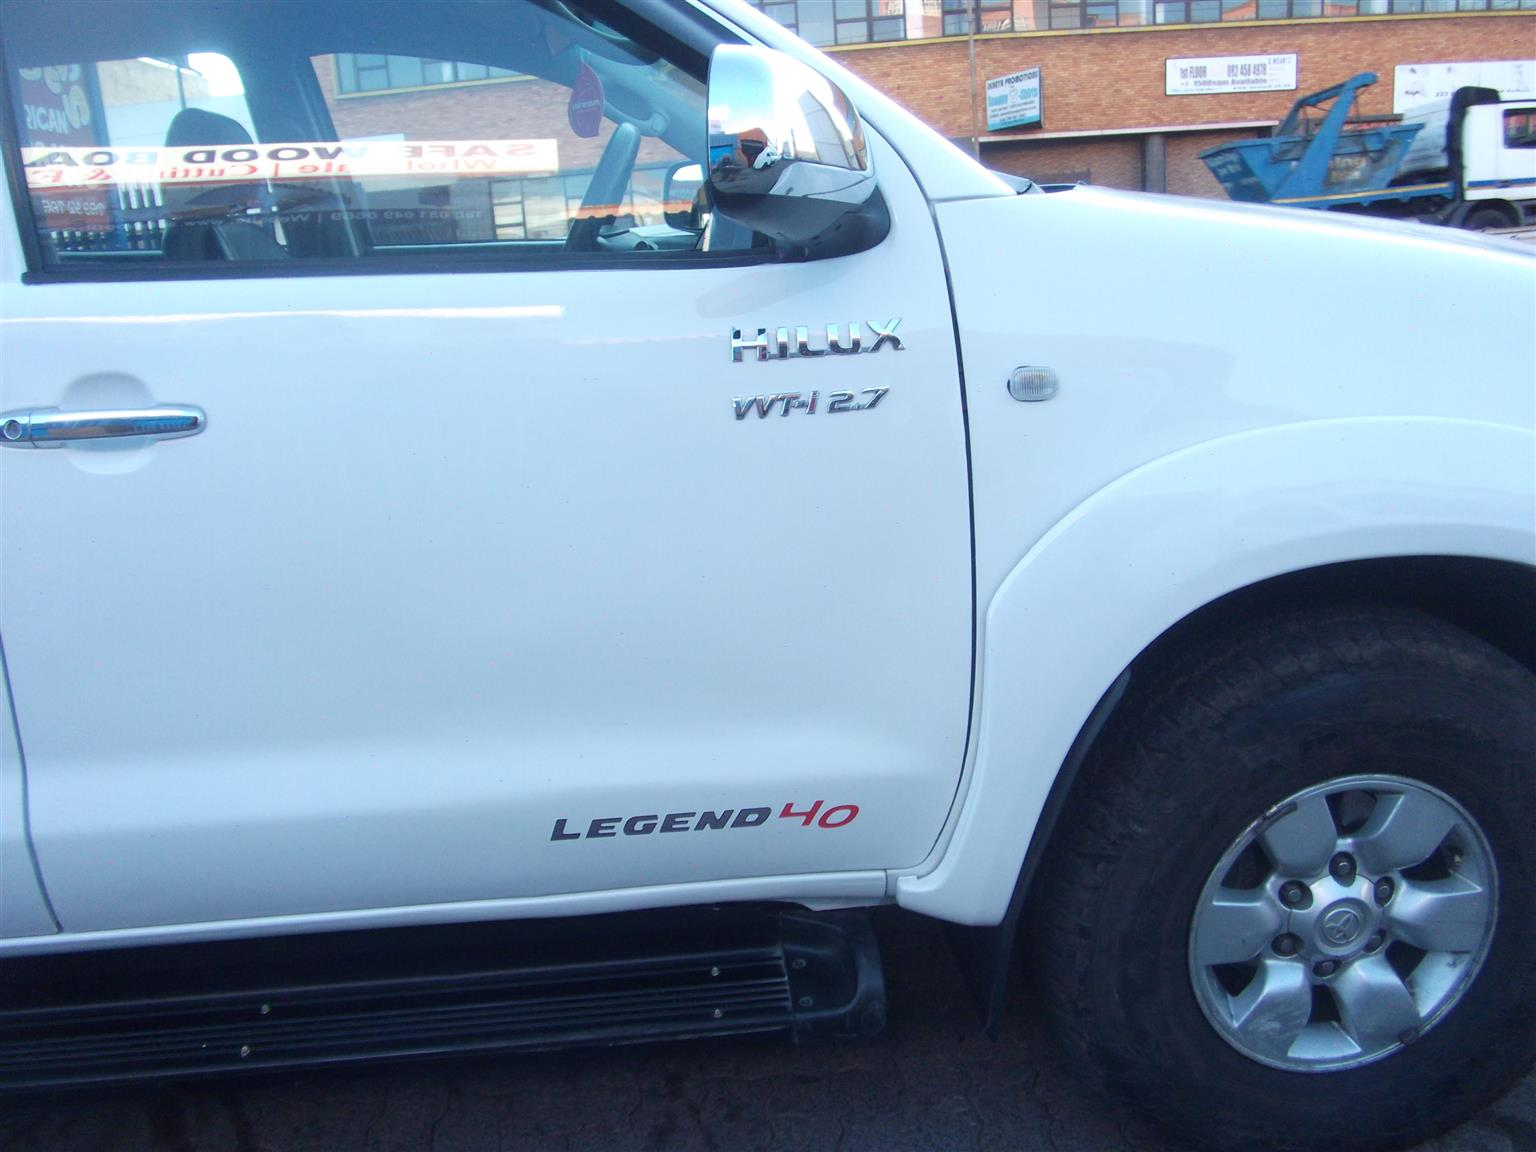 2006 Toyota Hilux 2.7 double cab Raider Legend 45